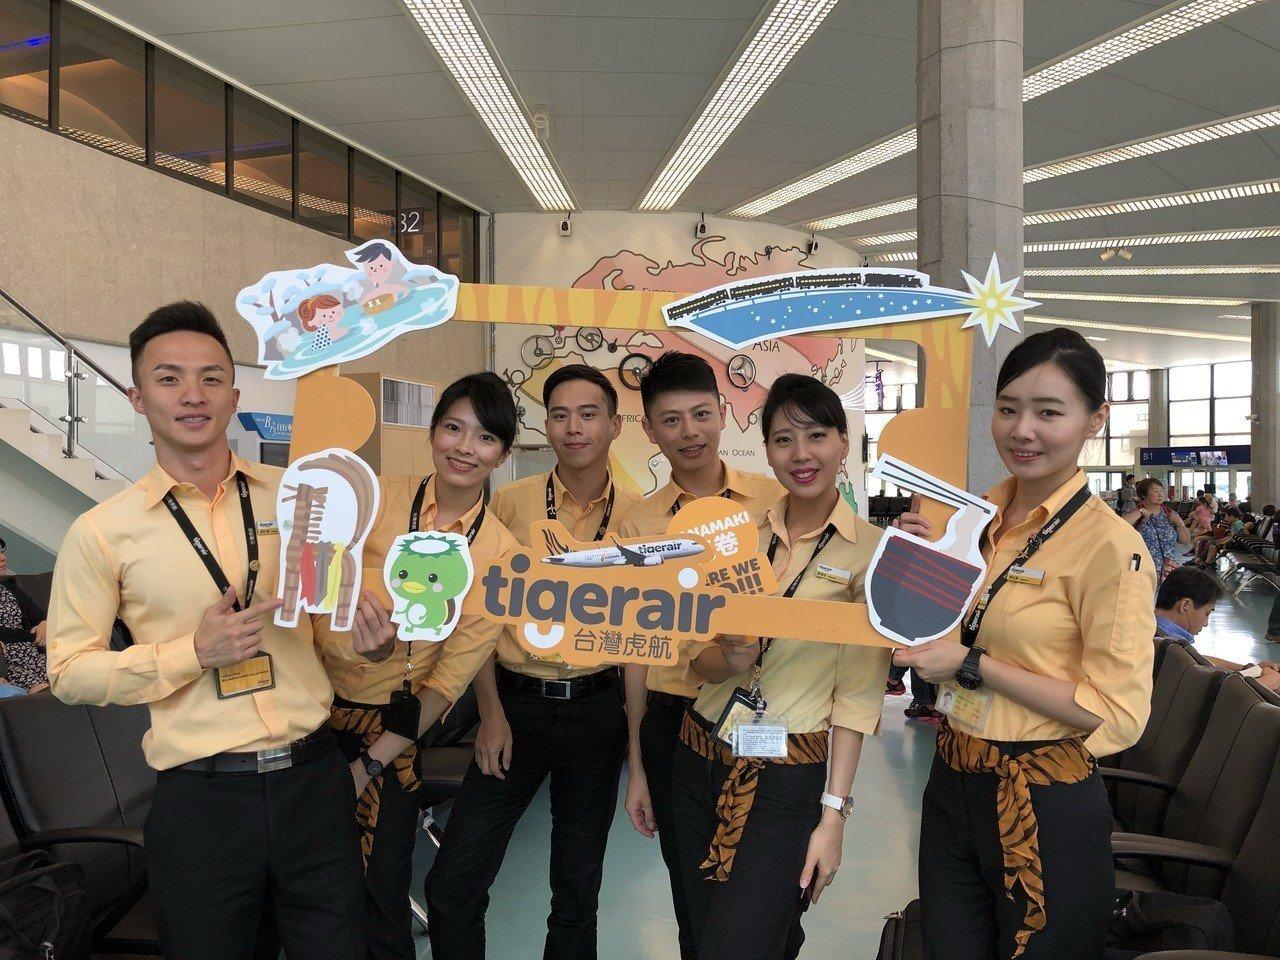 台灣虎航桃園-花卷從定期包機轉為定期航班。圖/台灣虎航提供